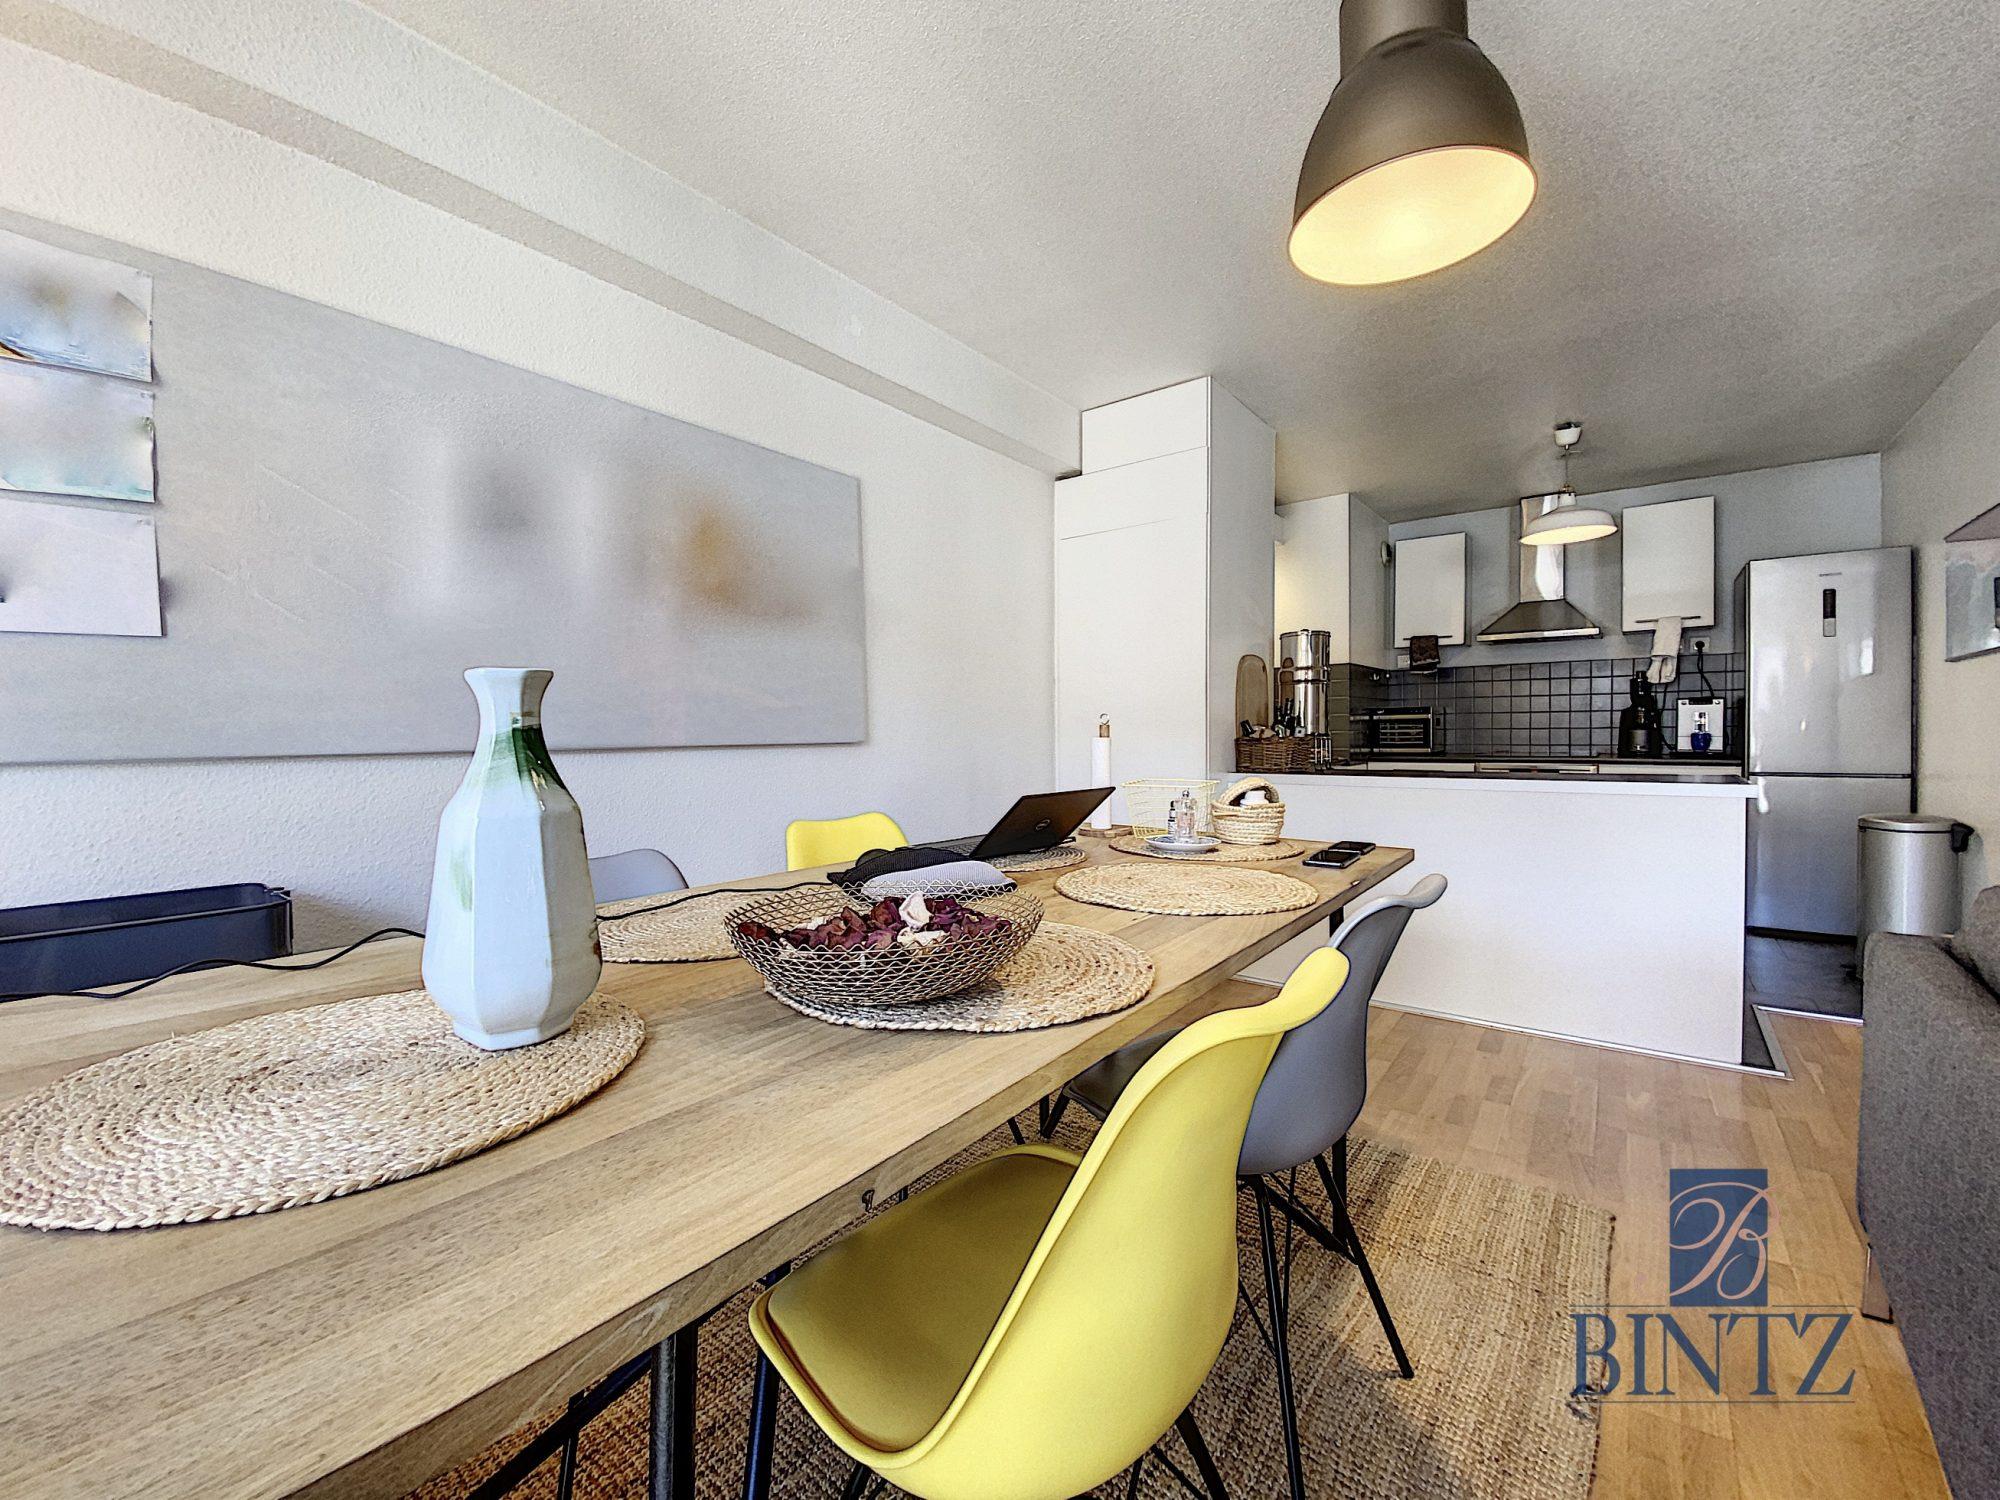 3 PIÈCES NEUSTADT AVEC GARAGE - Devenez locataire en toute sérénité - Bintz Immobilier - 4